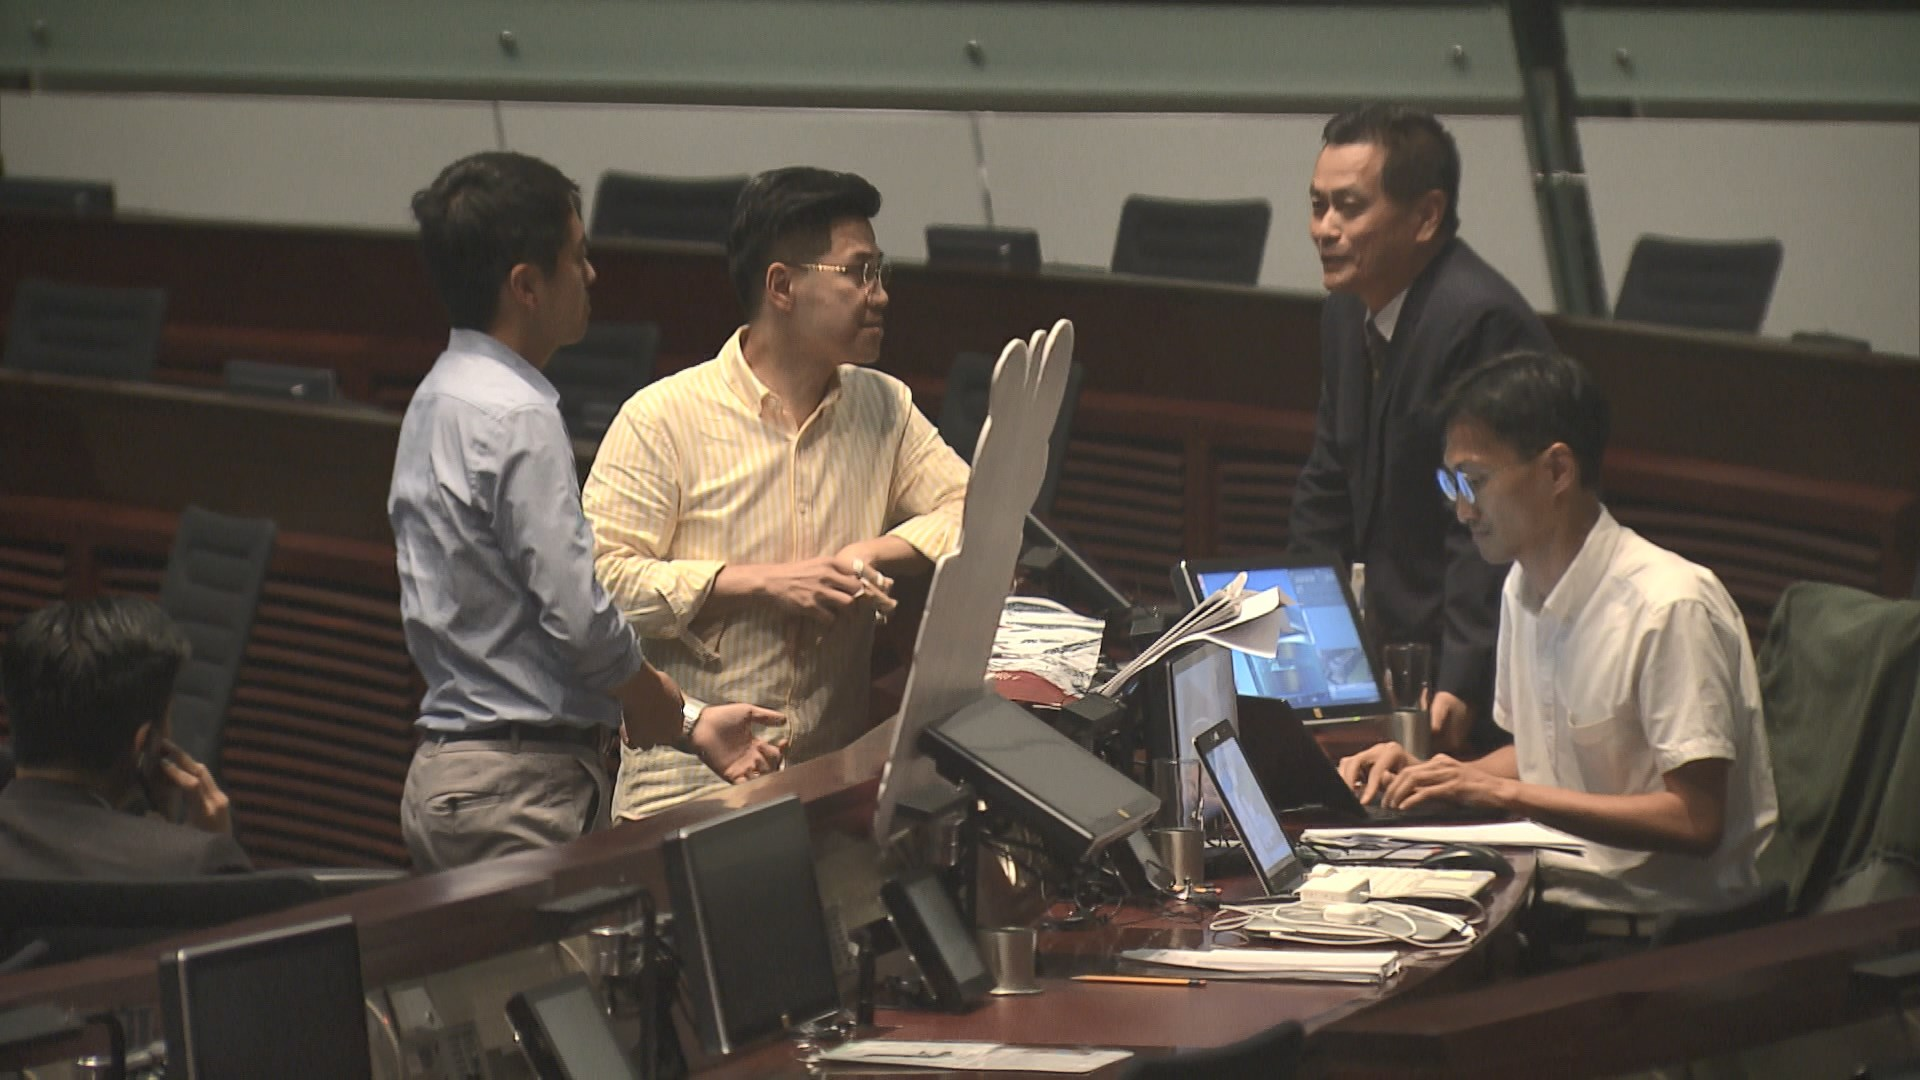 五民主派議員拒離會議廳 或留至下周三大會